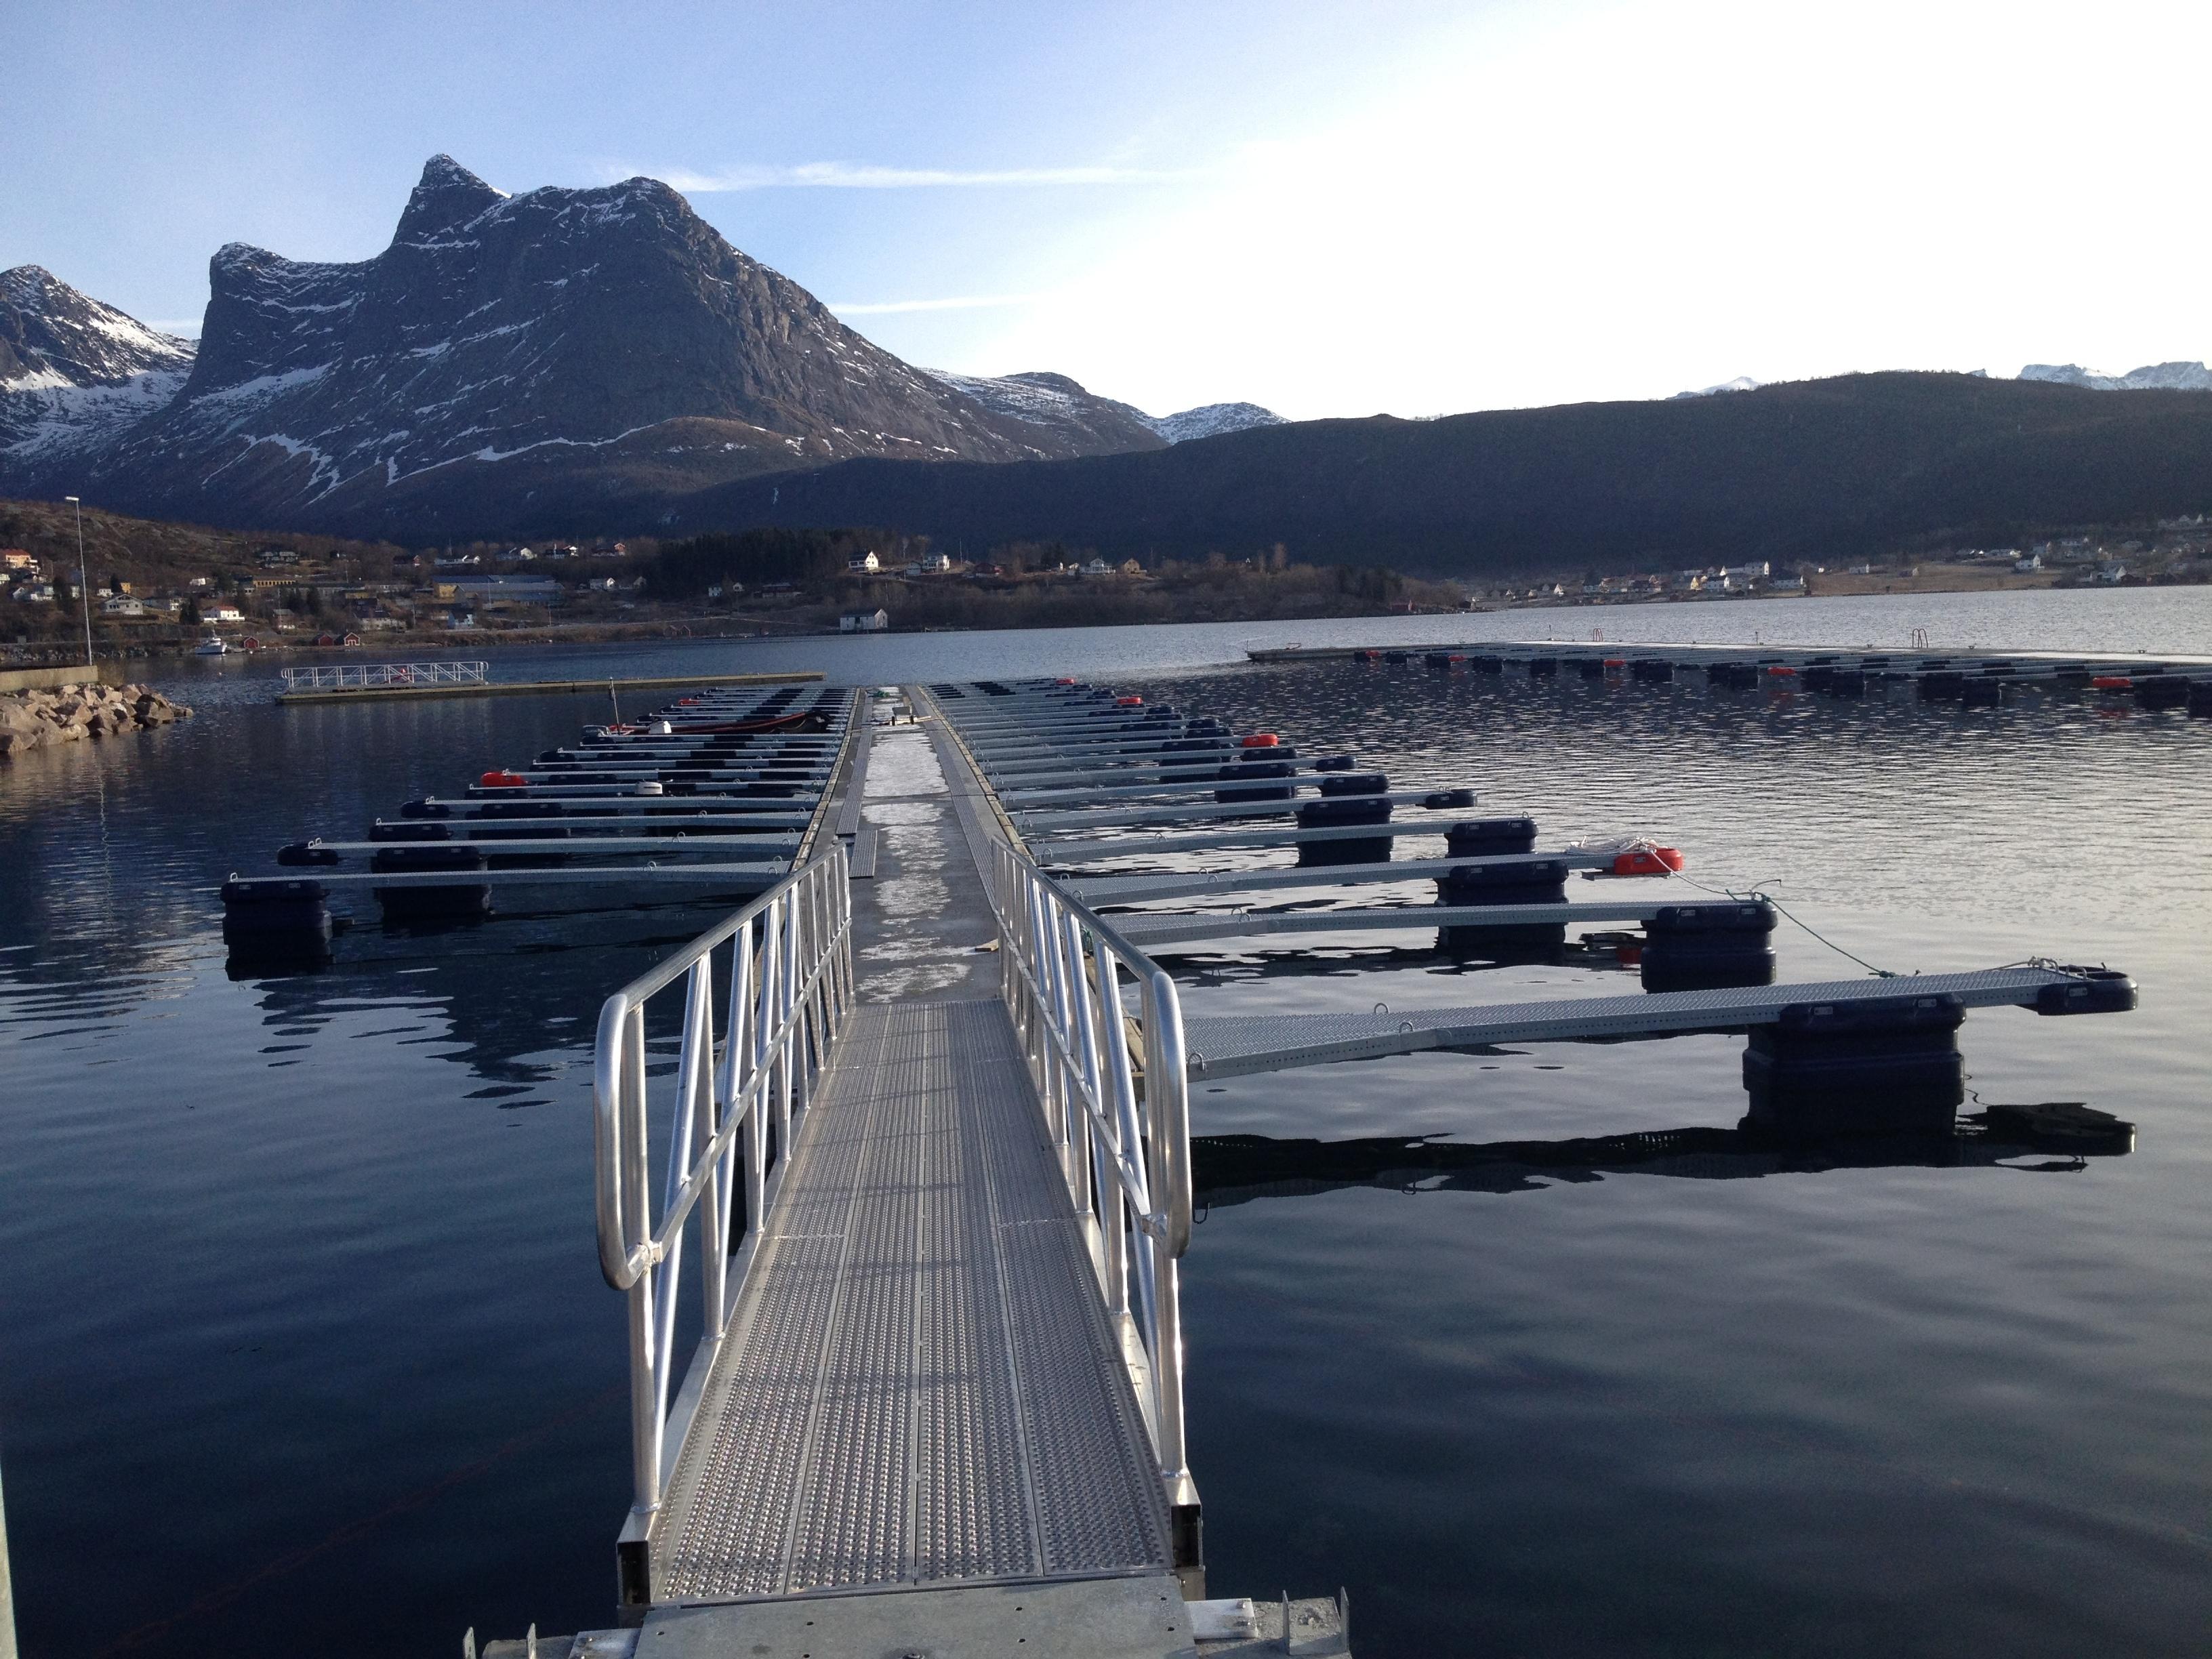 https://marinasolutions.no/uploads/Ørnes-Båtforening-Meløy-Kommune.JPG